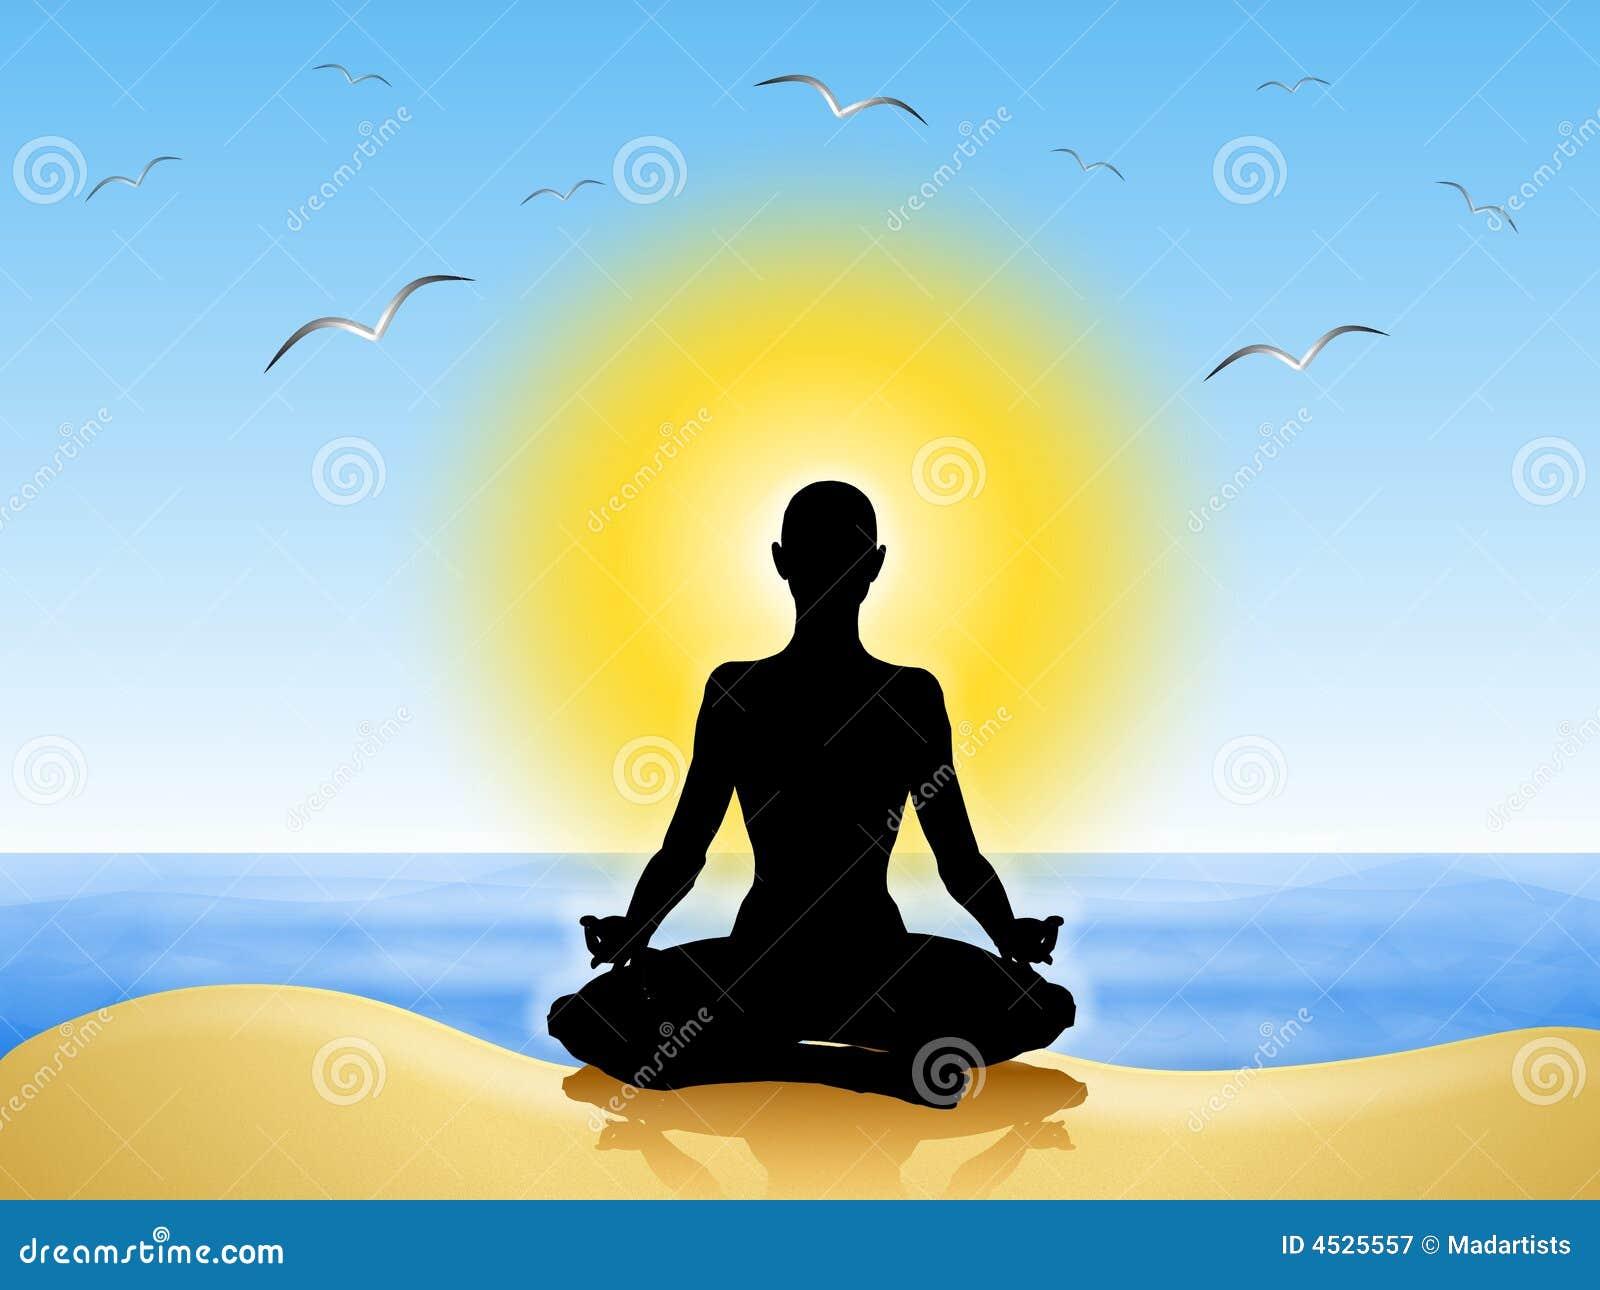 Di yoga nel fronte della sabbia in avanti nel sole con i gabbiani che